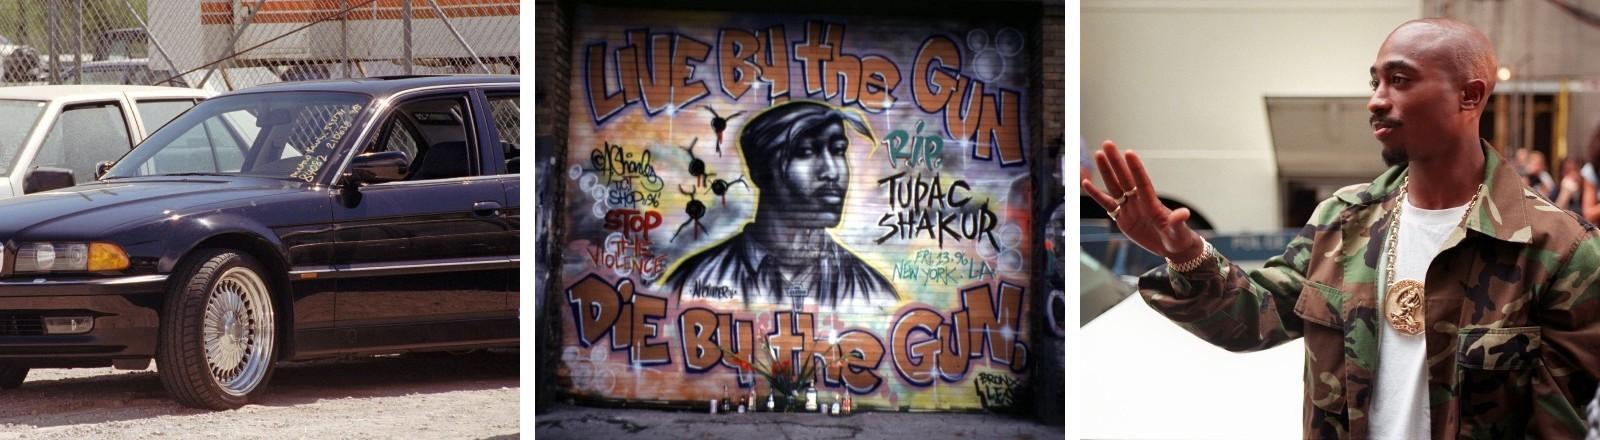 Ein schwarzer, zerschossener BMW, ein Graffiti, das Bezug auf den Tod von Tupac Shakur nimmt, der Rapper drei Tage vor seinem Tod